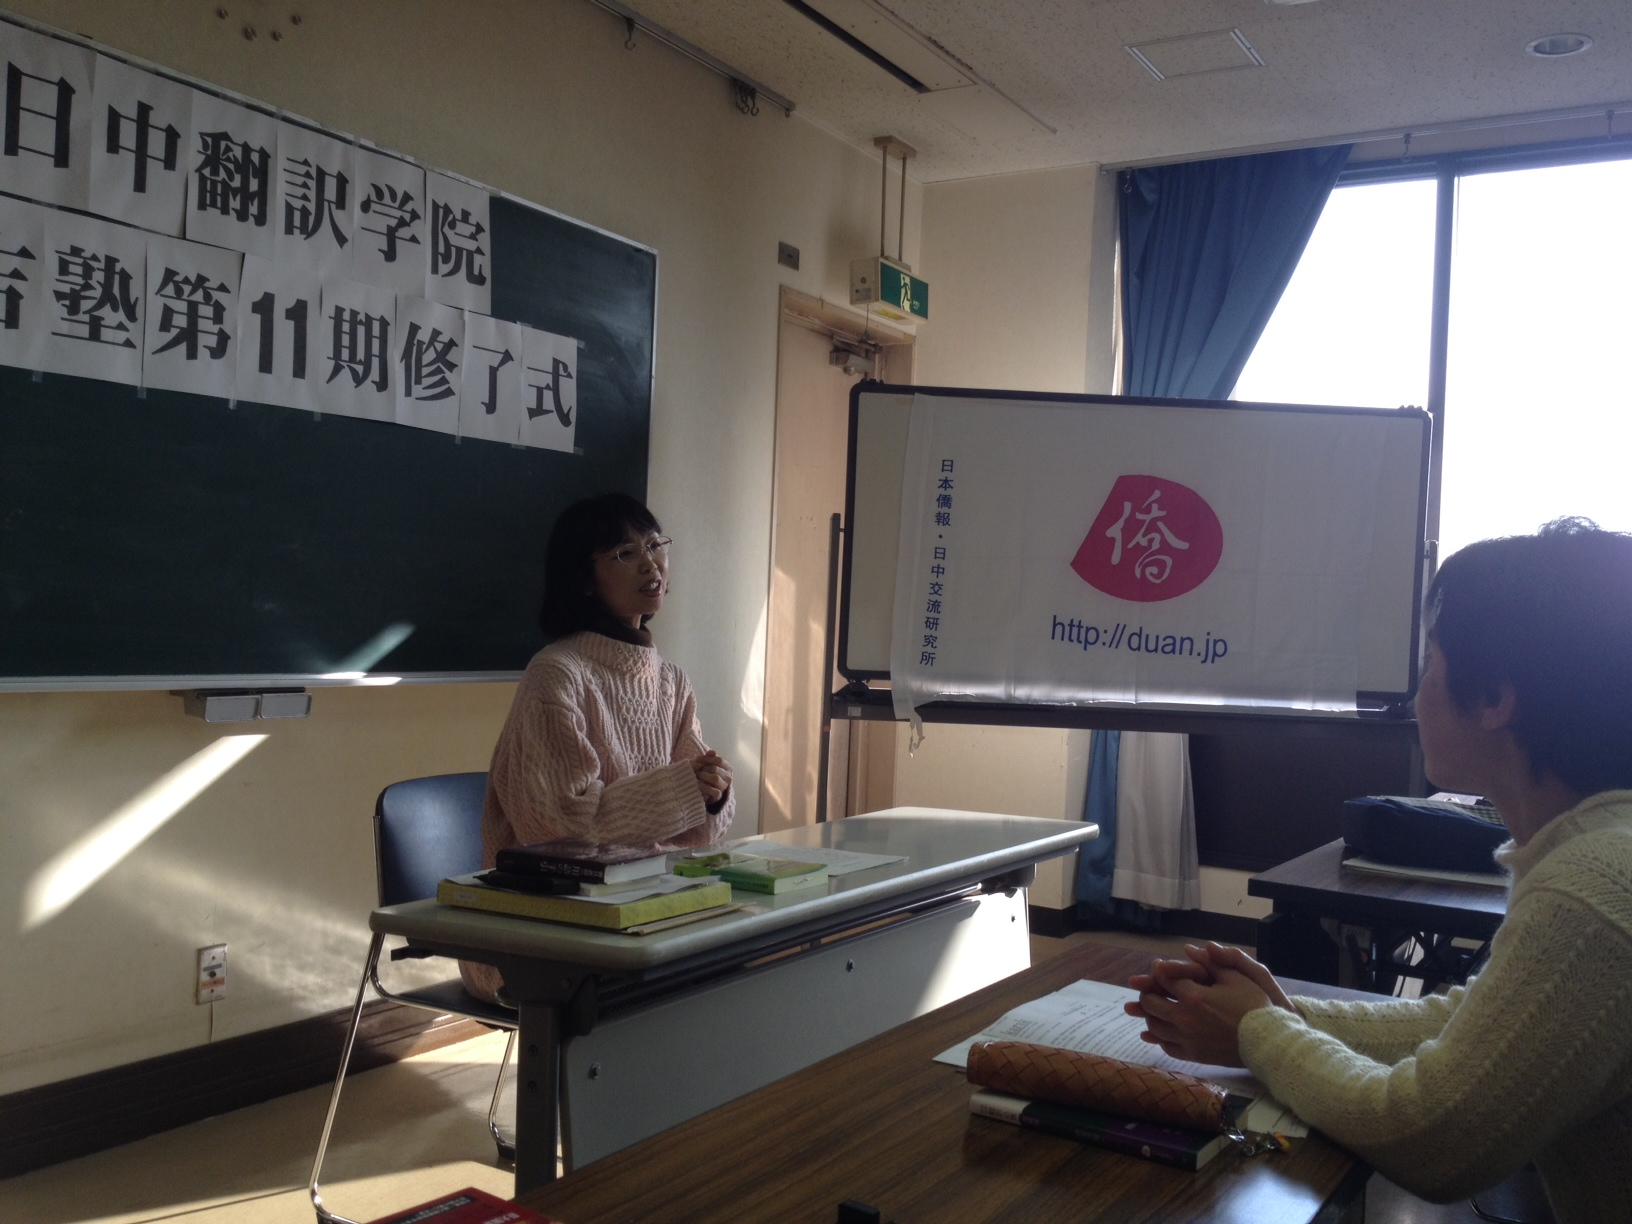 日本的半边天厉害。日中翻訳学院中译日高级班37位结业者36位女性_d0027795_11111596.jpg